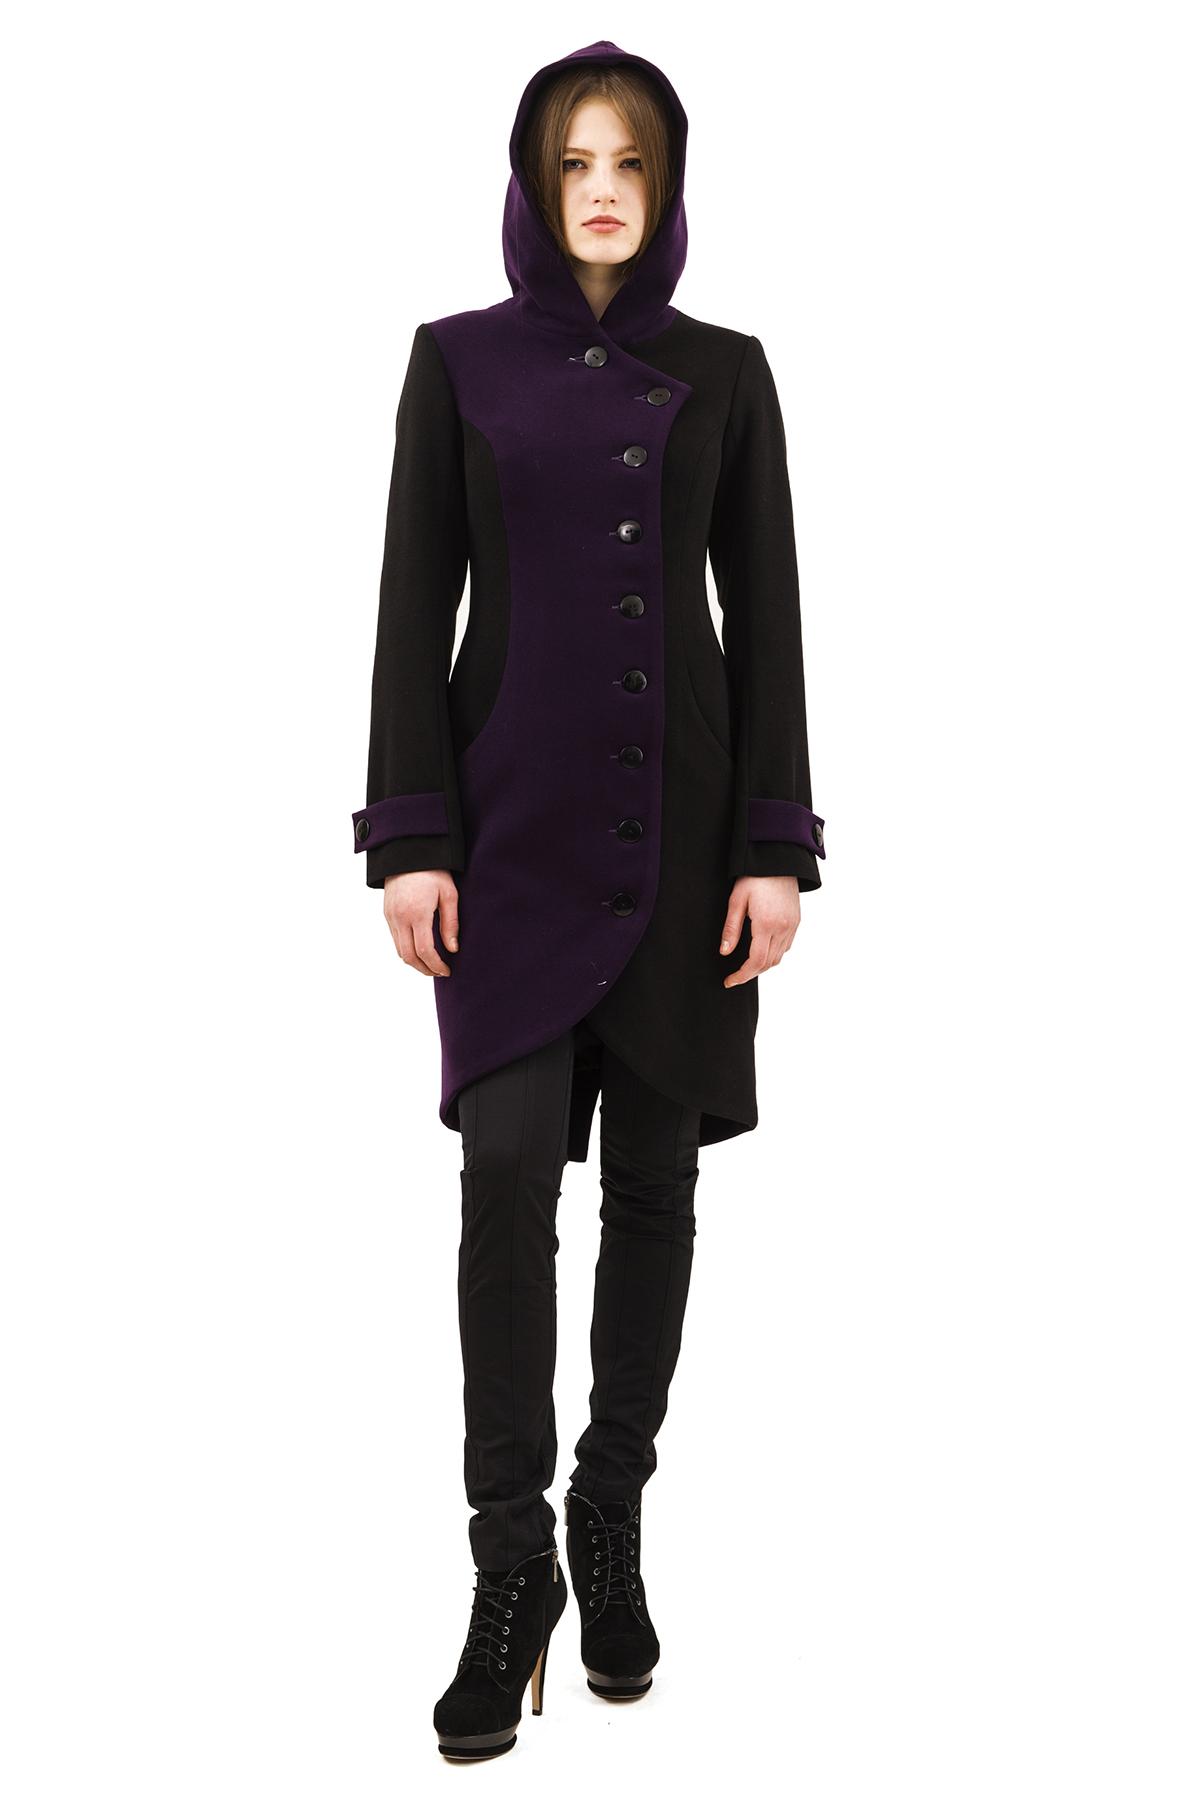 ПальтоЖенские куртки, плащи, пальто<br>Стильное пальто, выполненное в оригинальной контрастной цветовой гамме. Модель с удобной центральной застежкой на пуговицы и элегантным  воротником- стойкой. Пальто дополнено прорезными карманами по бокам. Яркий, женственный вариант для холодного сезона.<br><br>Цвет: черный,фиолетовый<br>Состав: 15% шерсть, 2%эластан, 18%вискоза ,65% полиэстер<br>Размер: 42,44,46,48,50,52,54<br>Страна дизайна: Россия<br>Страна производства: Россия